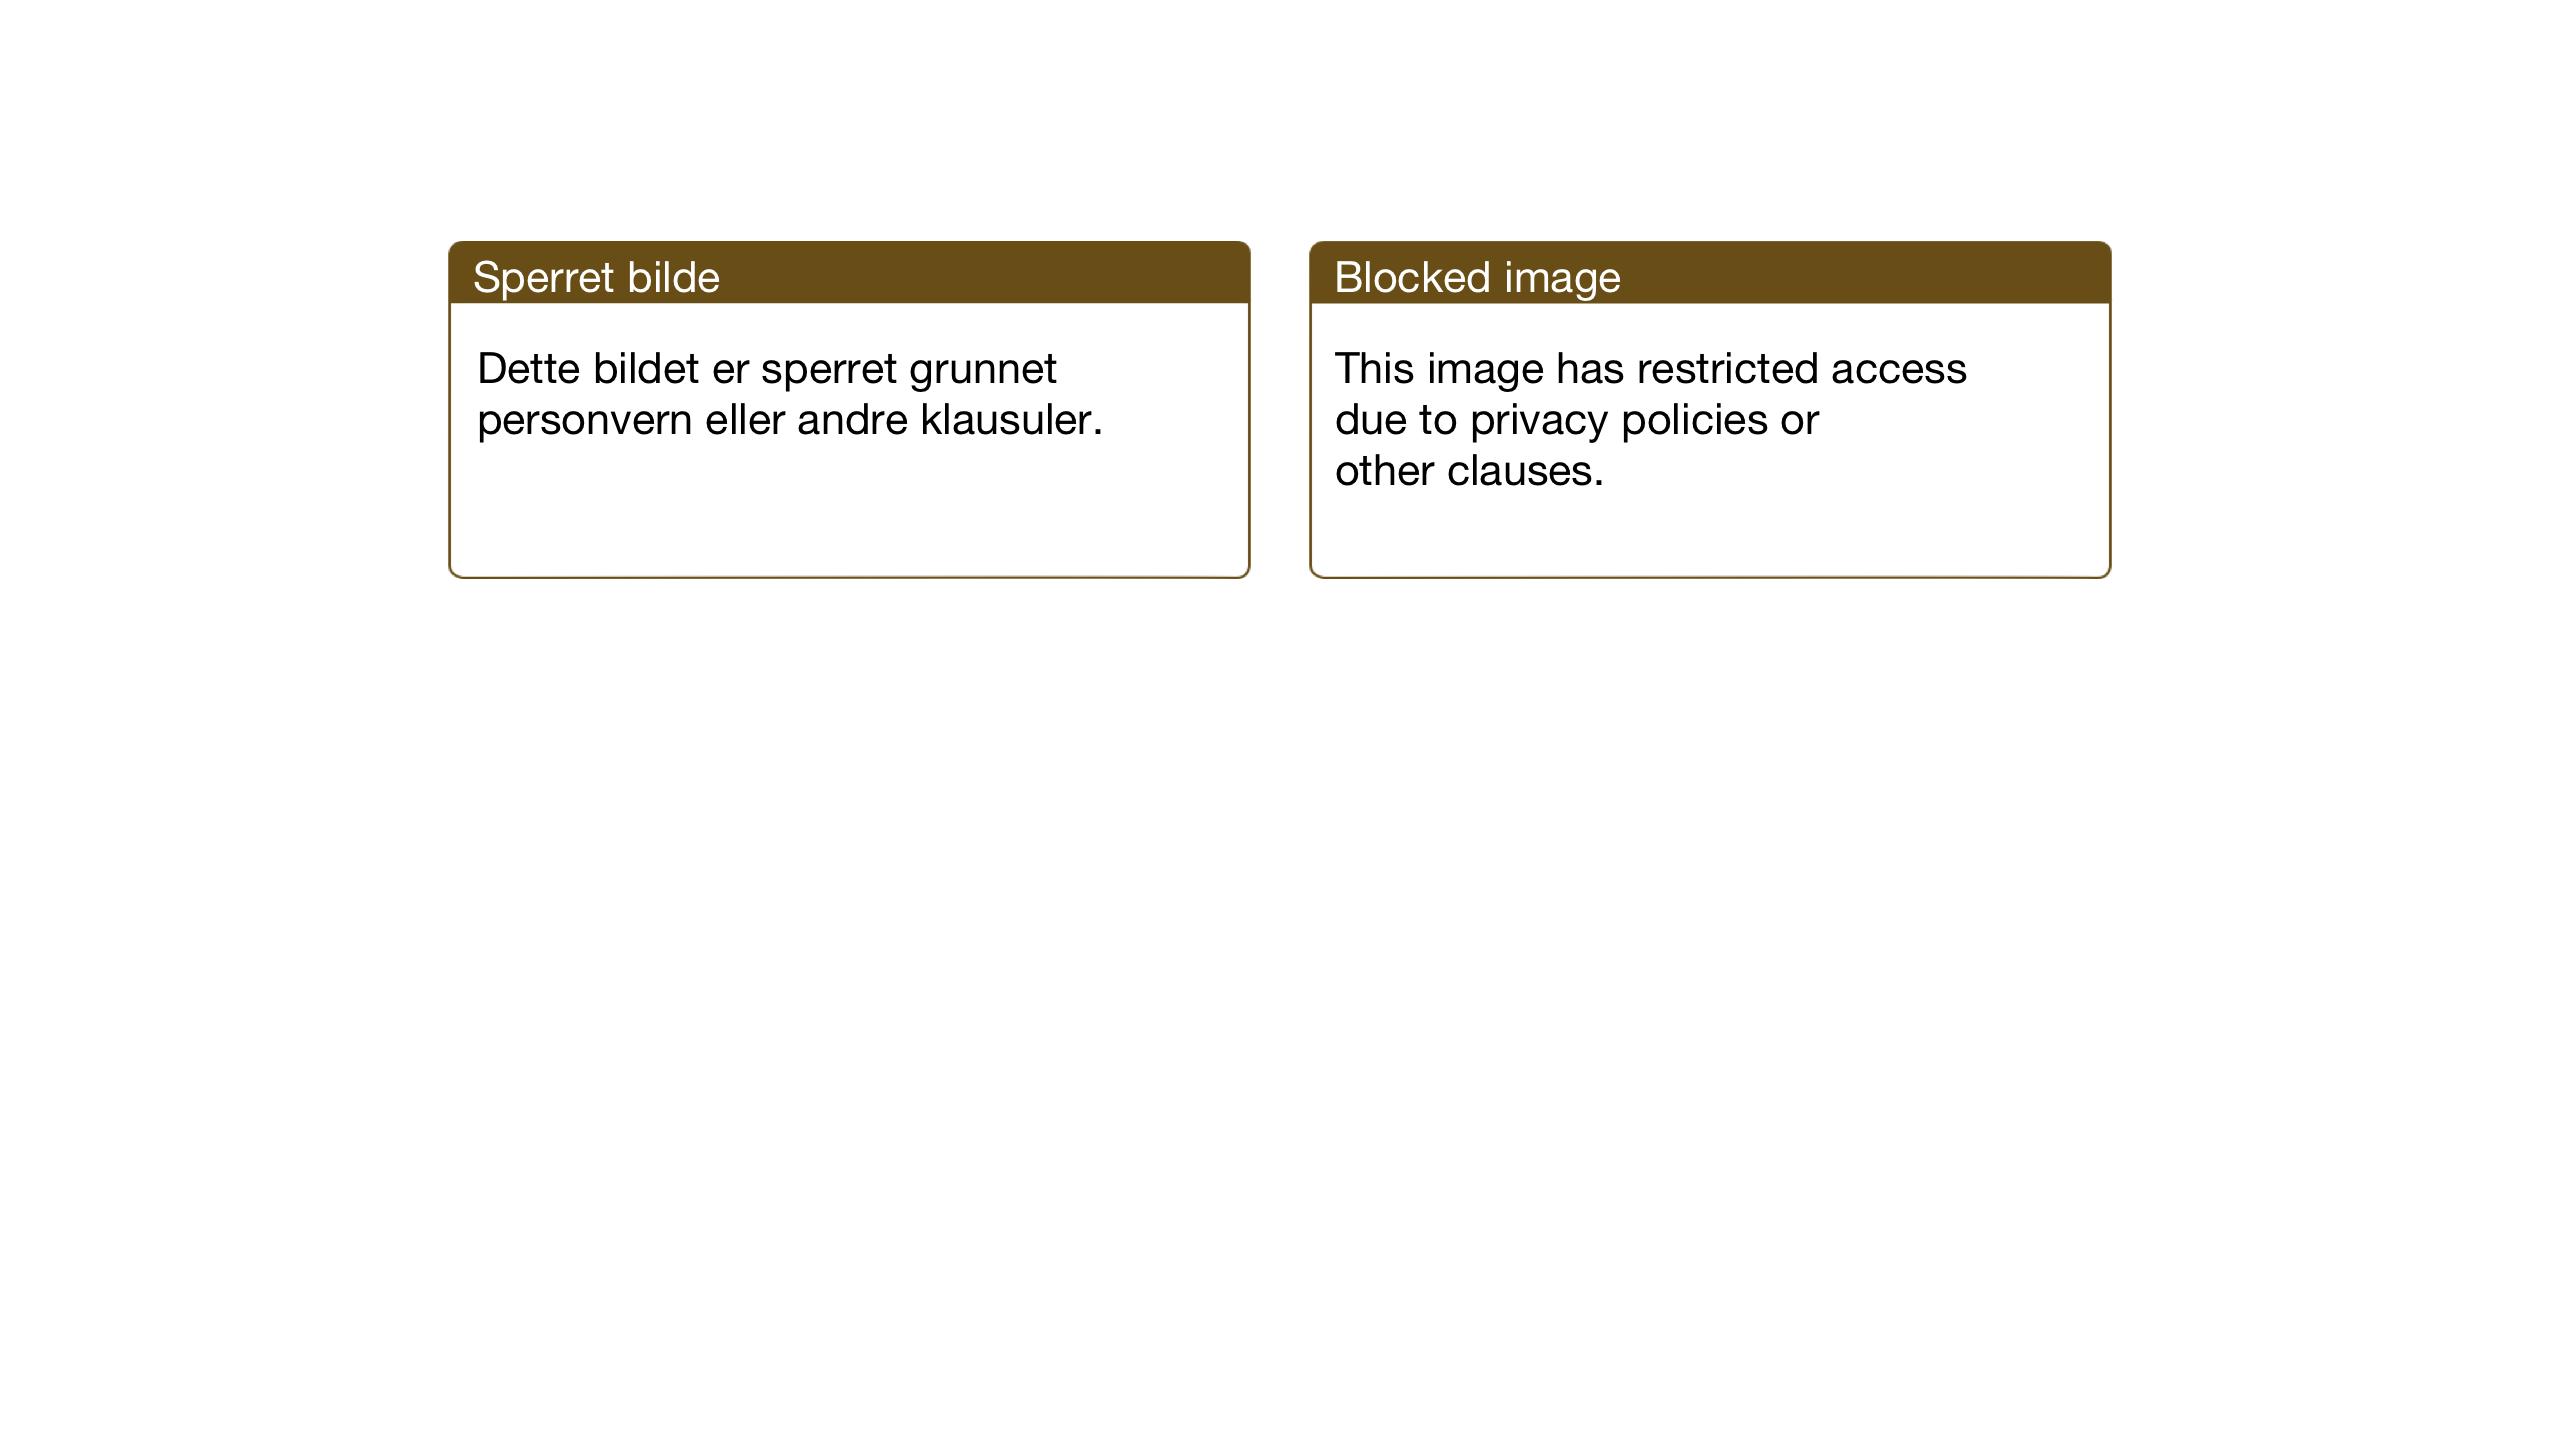 SAT, Ministerialprotokoller, klokkerbøker og fødselsregistre - Nord-Trøndelag, 780/L0654: Klokkerbok nr. 780C06, 1928-1942, s. 97